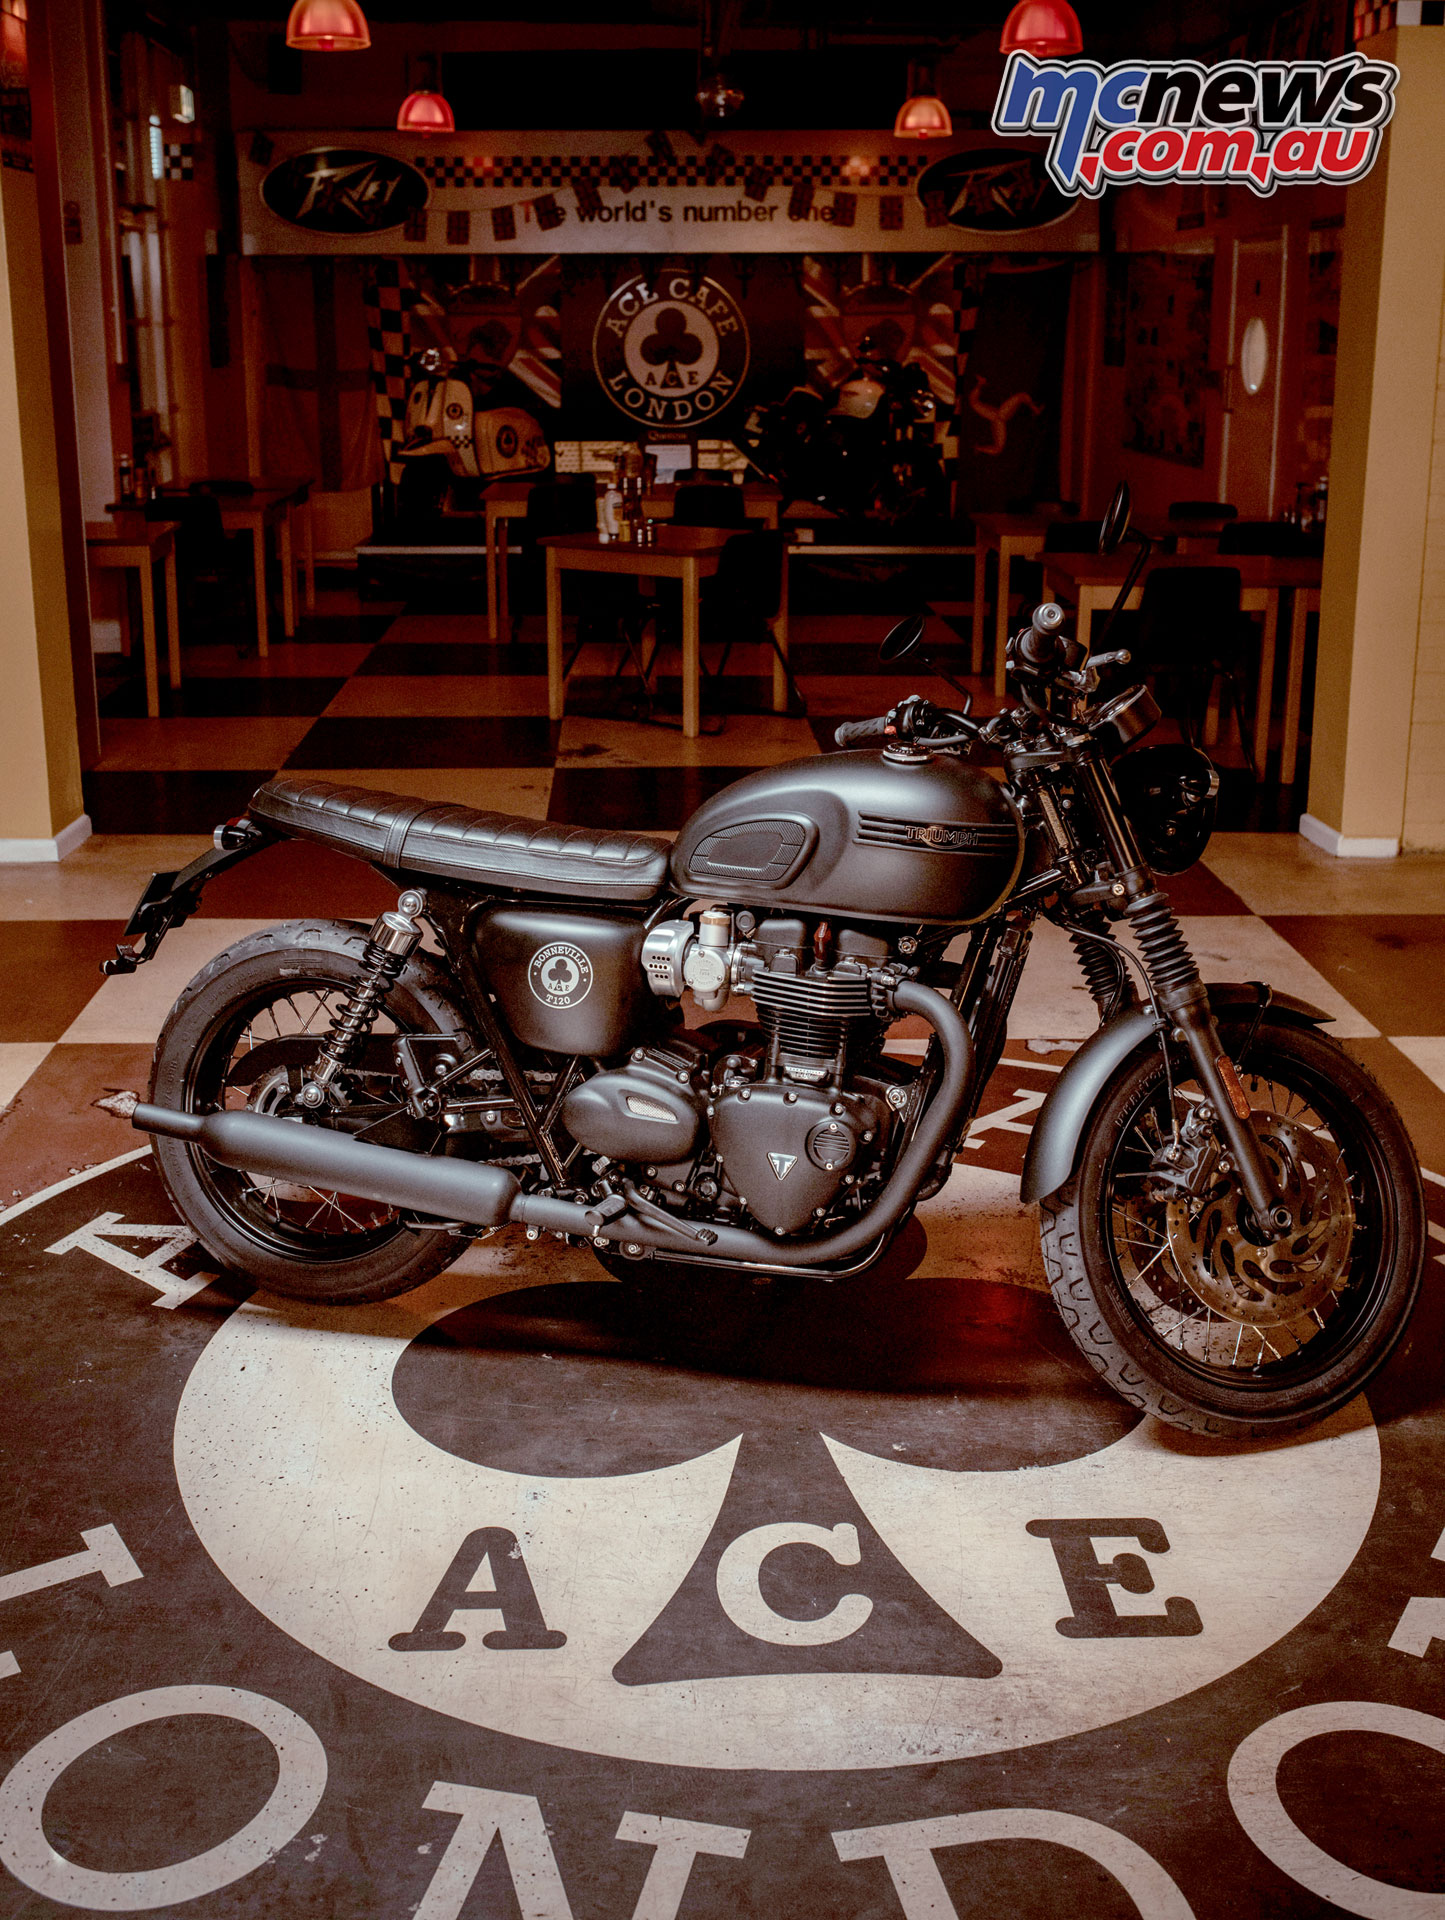 2019 Triumph Bonneville T120 Ace 18450 Orc Mcnewscomau